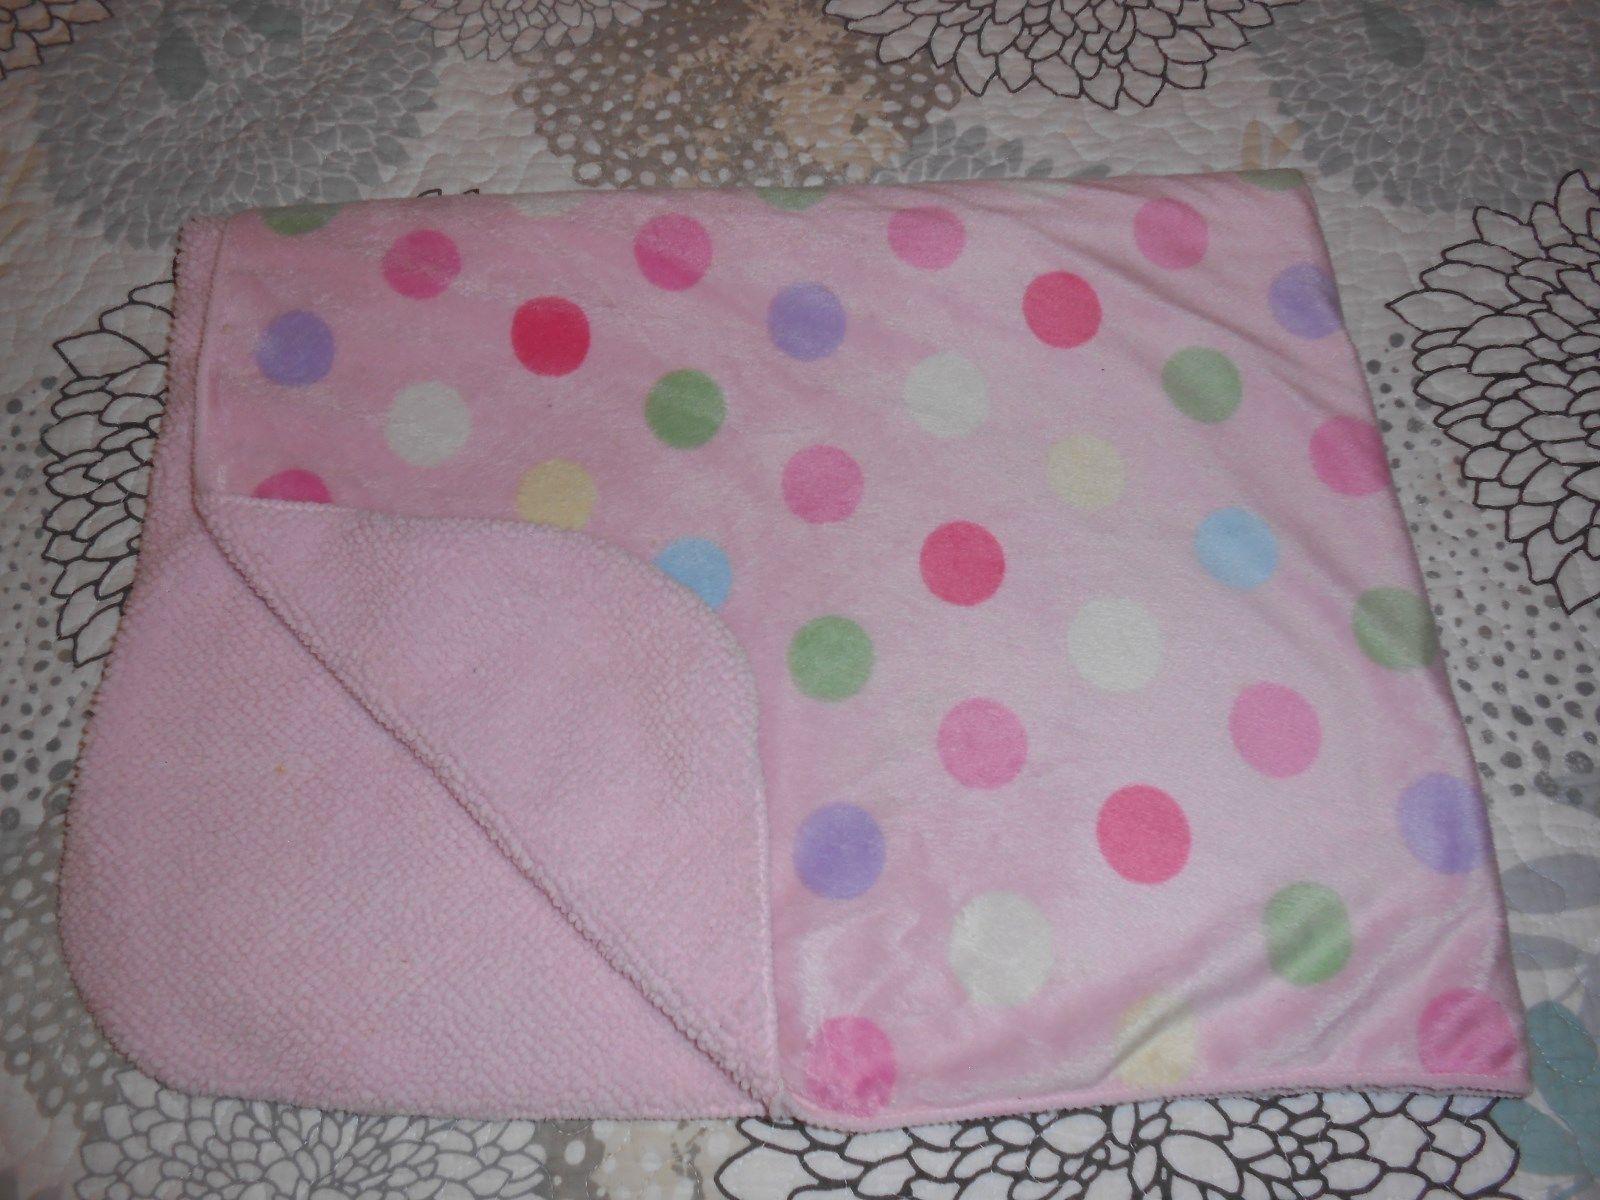 Circo Basic Polka Dots Full Sheet Set Cotton Polyester Target Kids Orange Purple